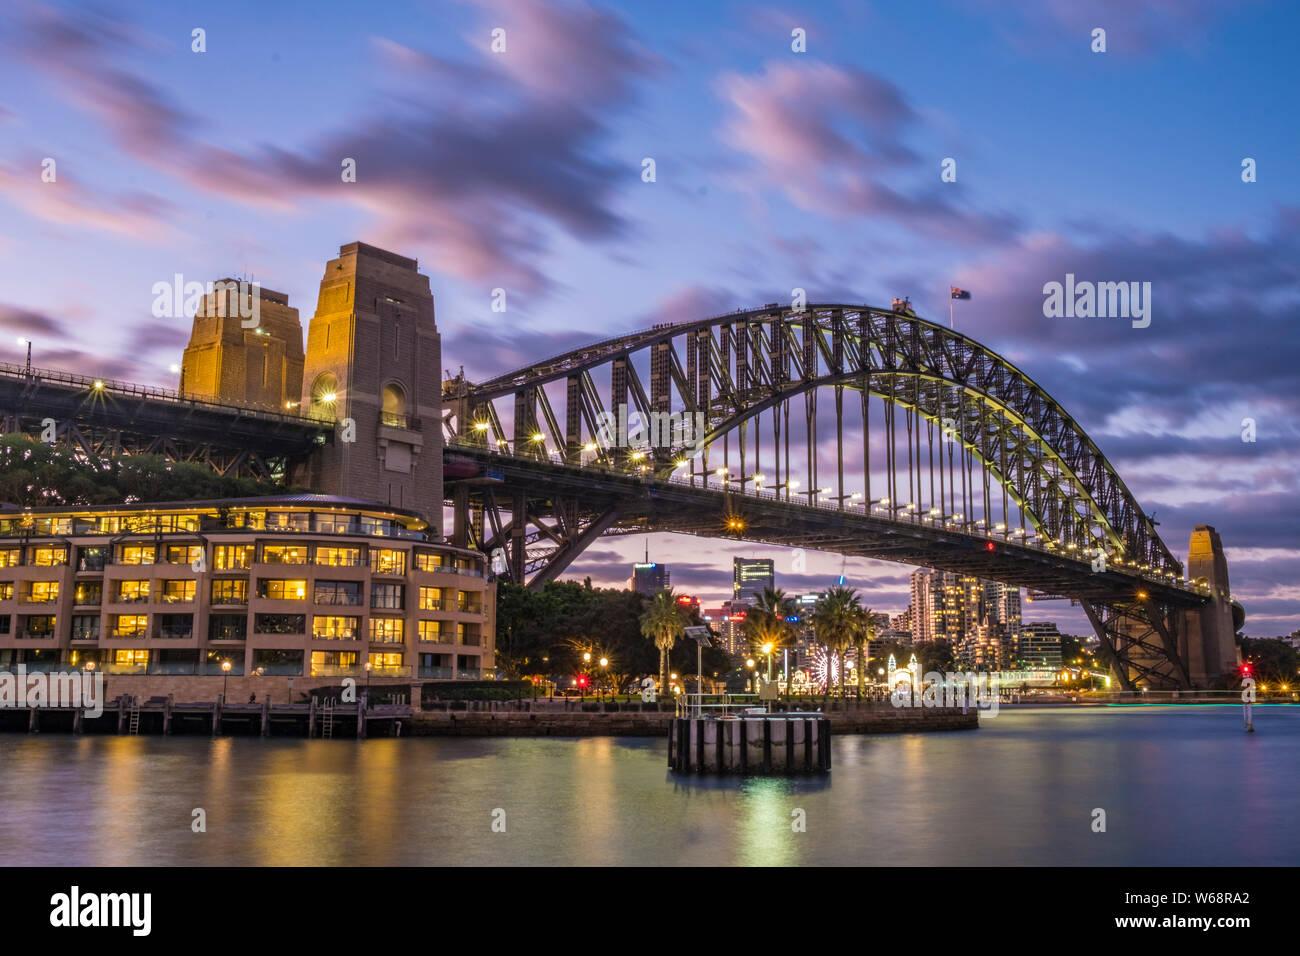 Le Sydney Harbour Bridge est un acier, classé au patrimoine mondial par l'intermédiaire de arch pont sur le port de Sydney qui transporte des véhicules ferroviaires, et des piétons, vélos, Banque D'Images